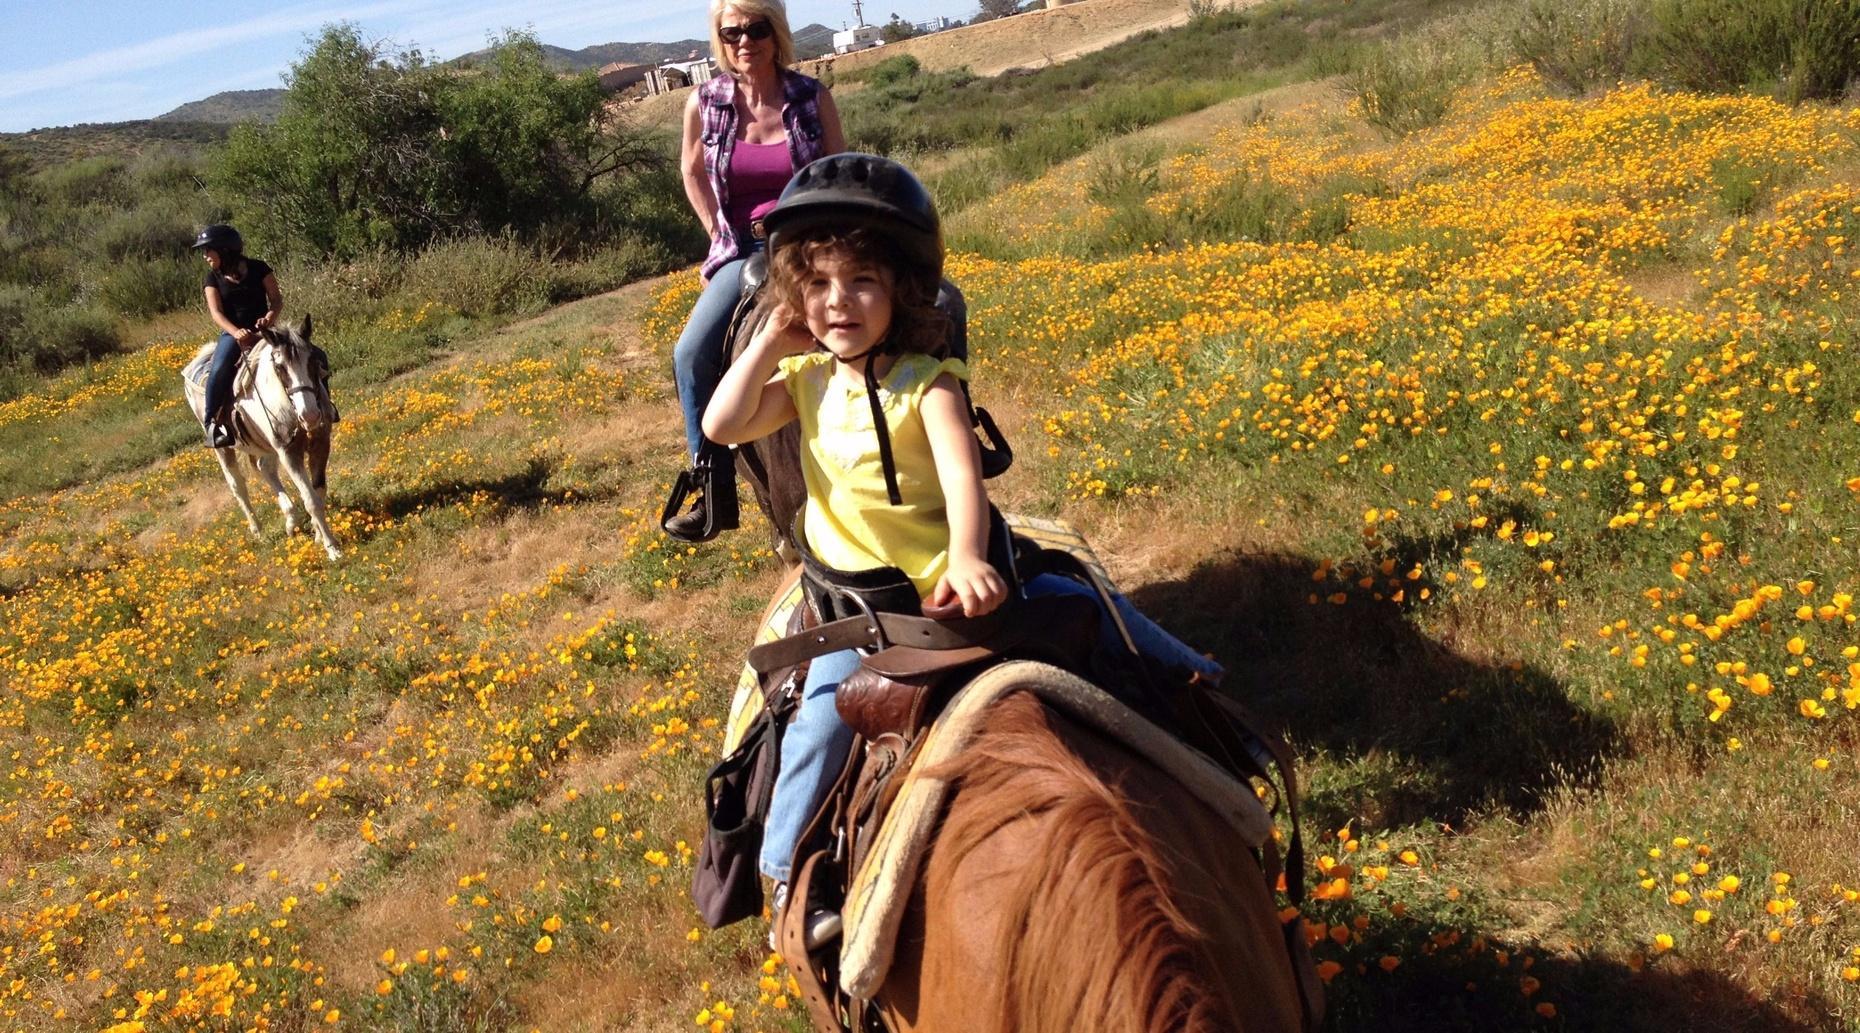 1-Hour Temecula and Murrieta Horseback Ride